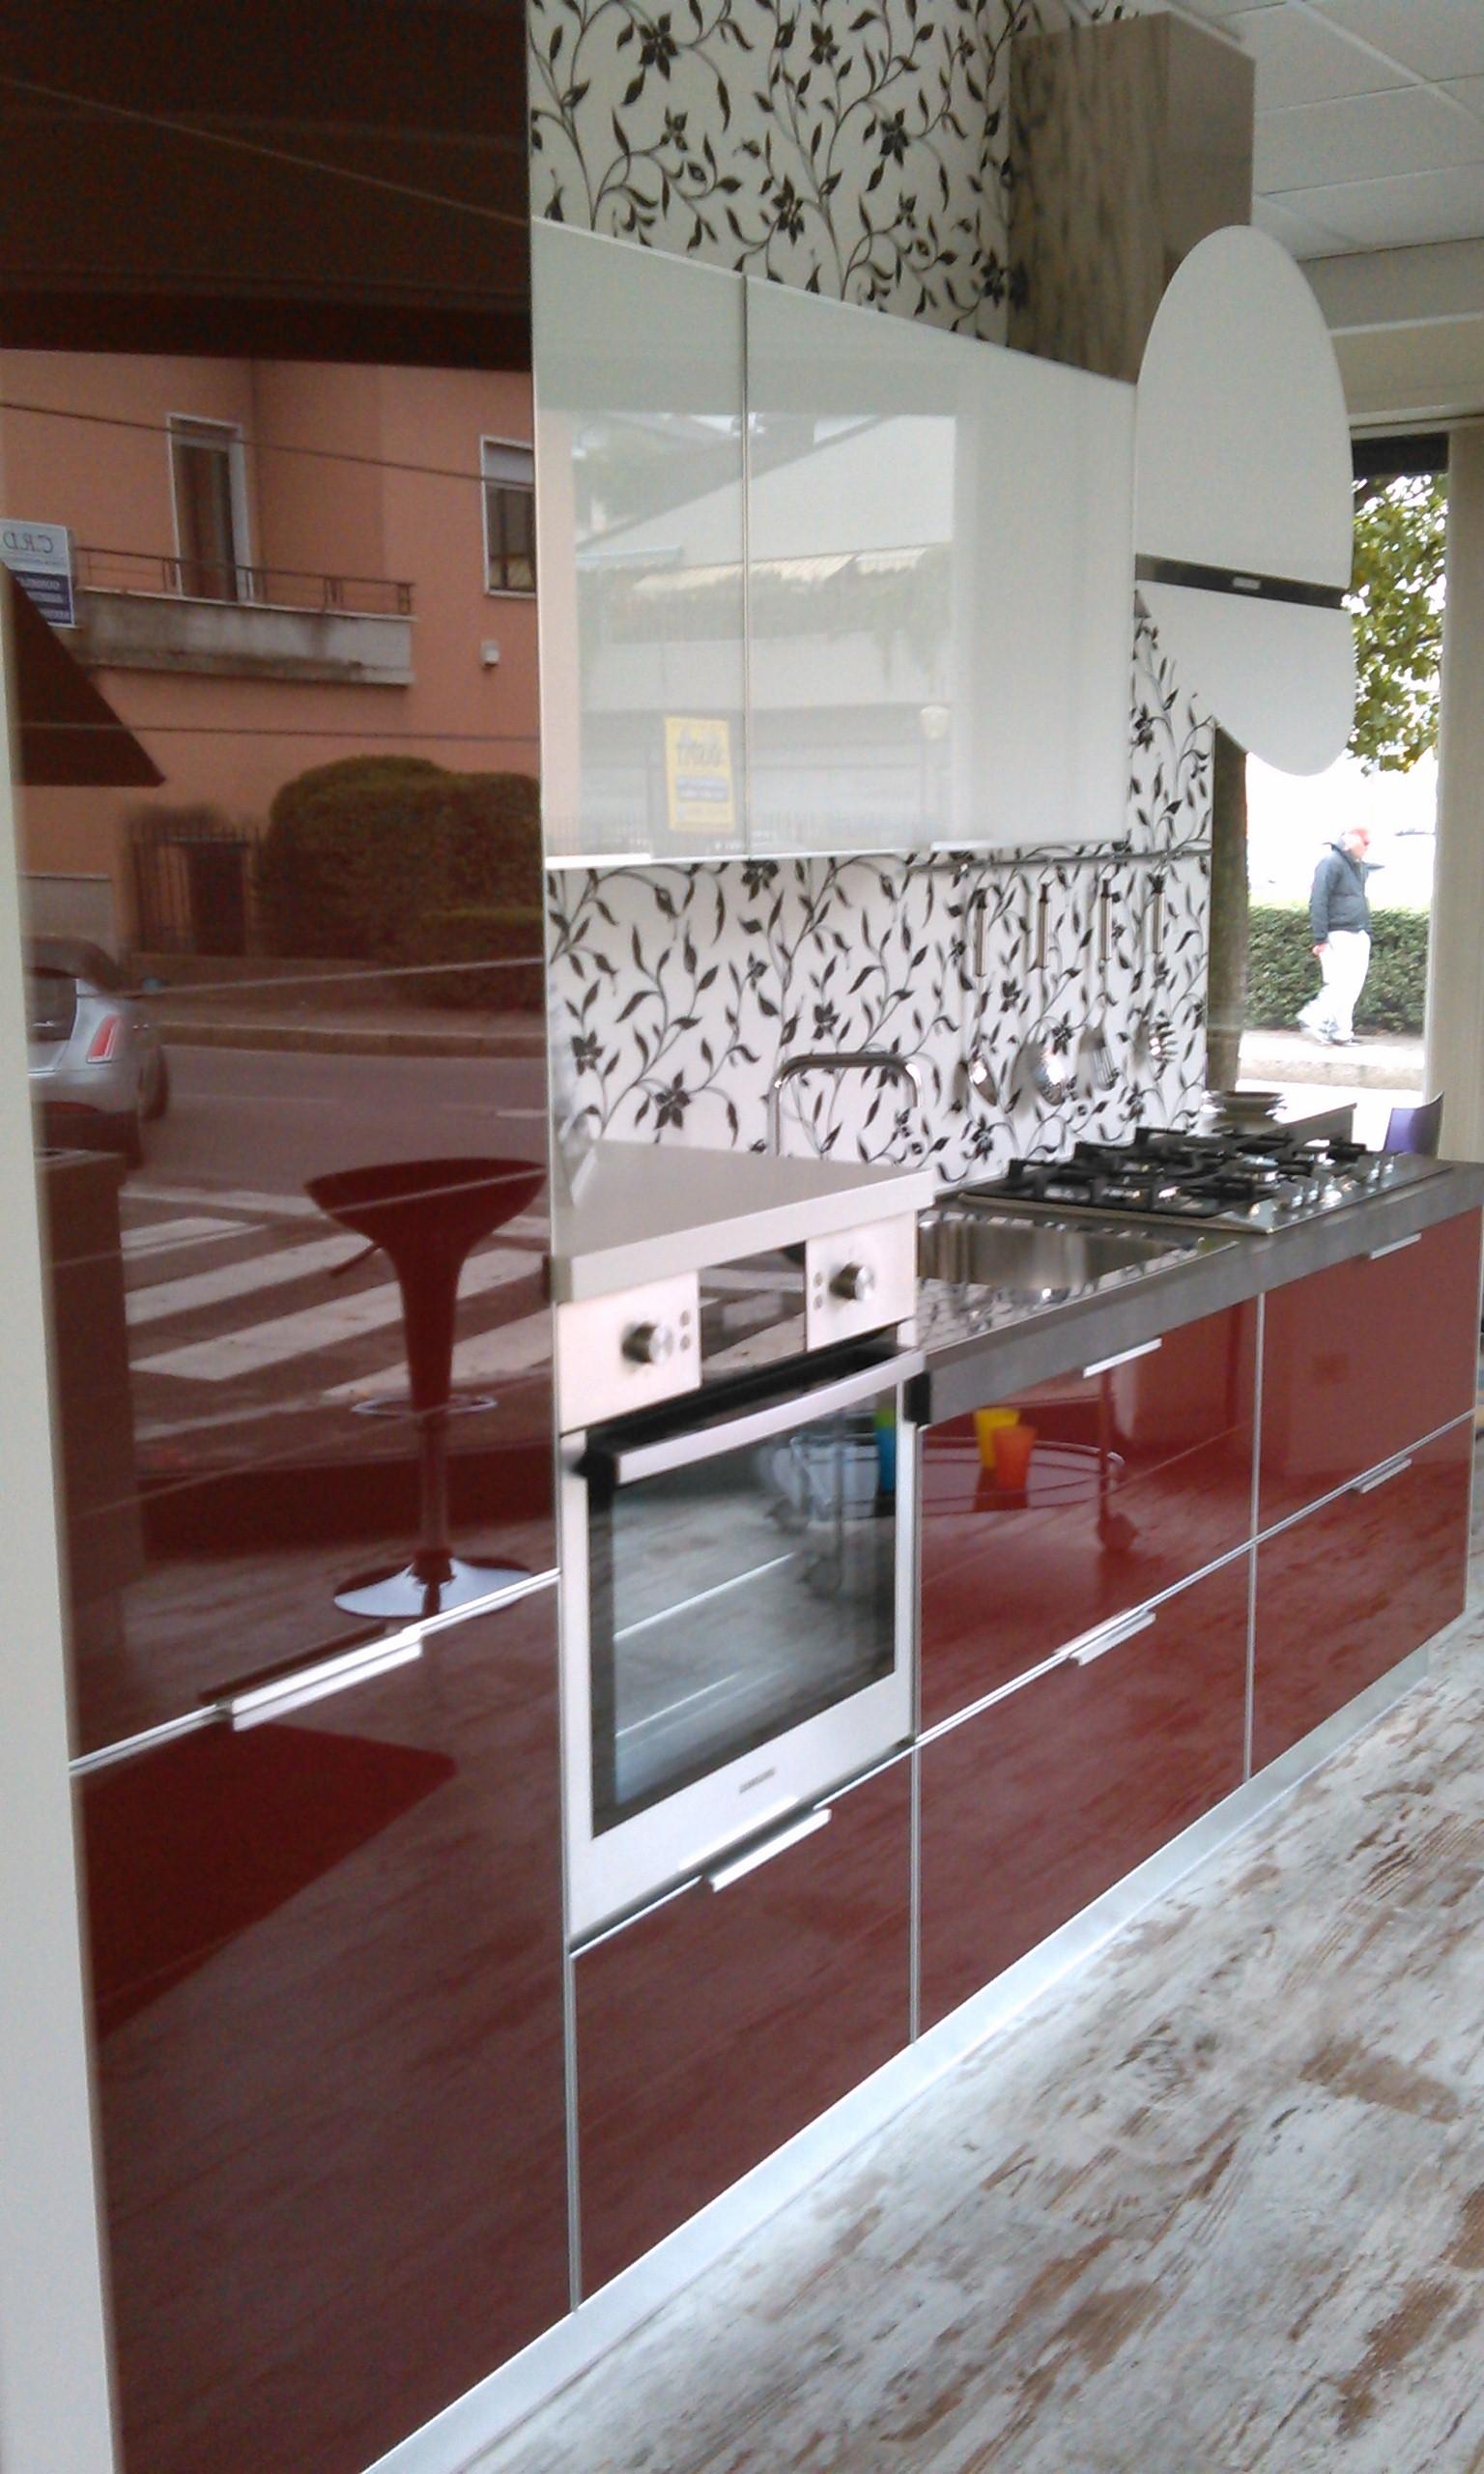 Vetro temperato cucina prezzo terminali antivento per stufe a pellet - Vetro per cucina ...